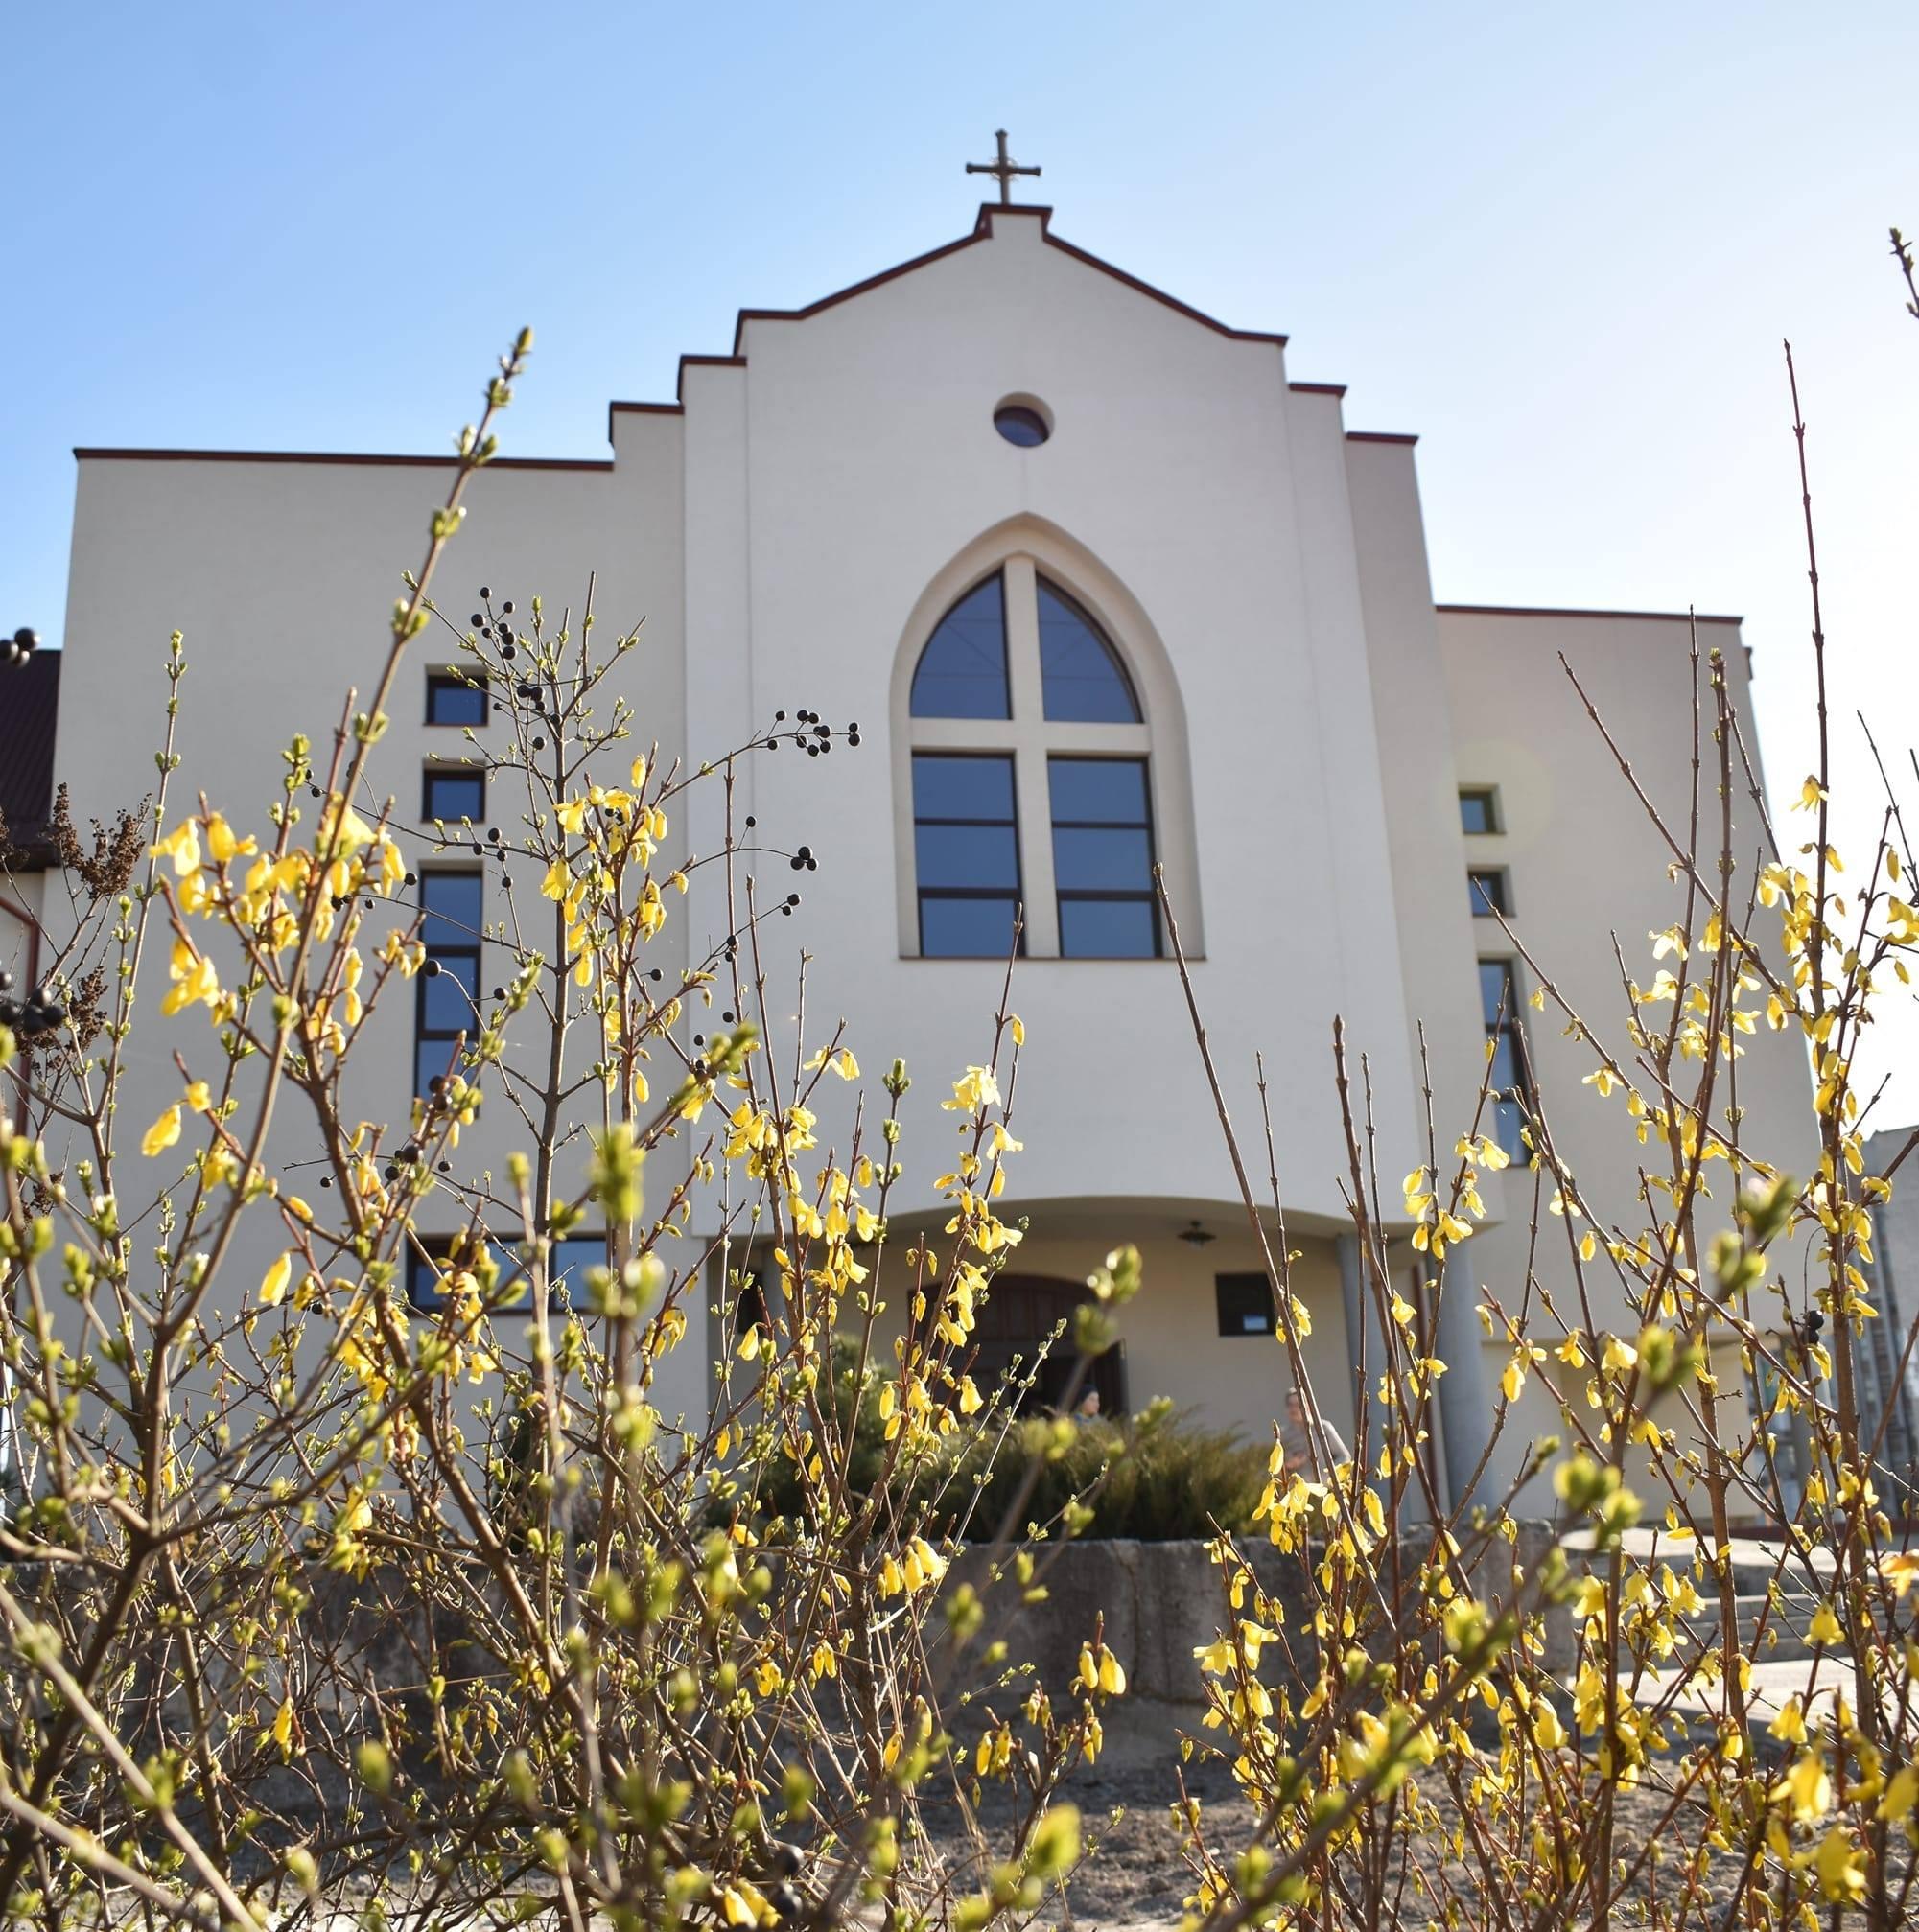 Сьогодні християни західного обряду святкують величне й світле свято Воскресіння Господнього